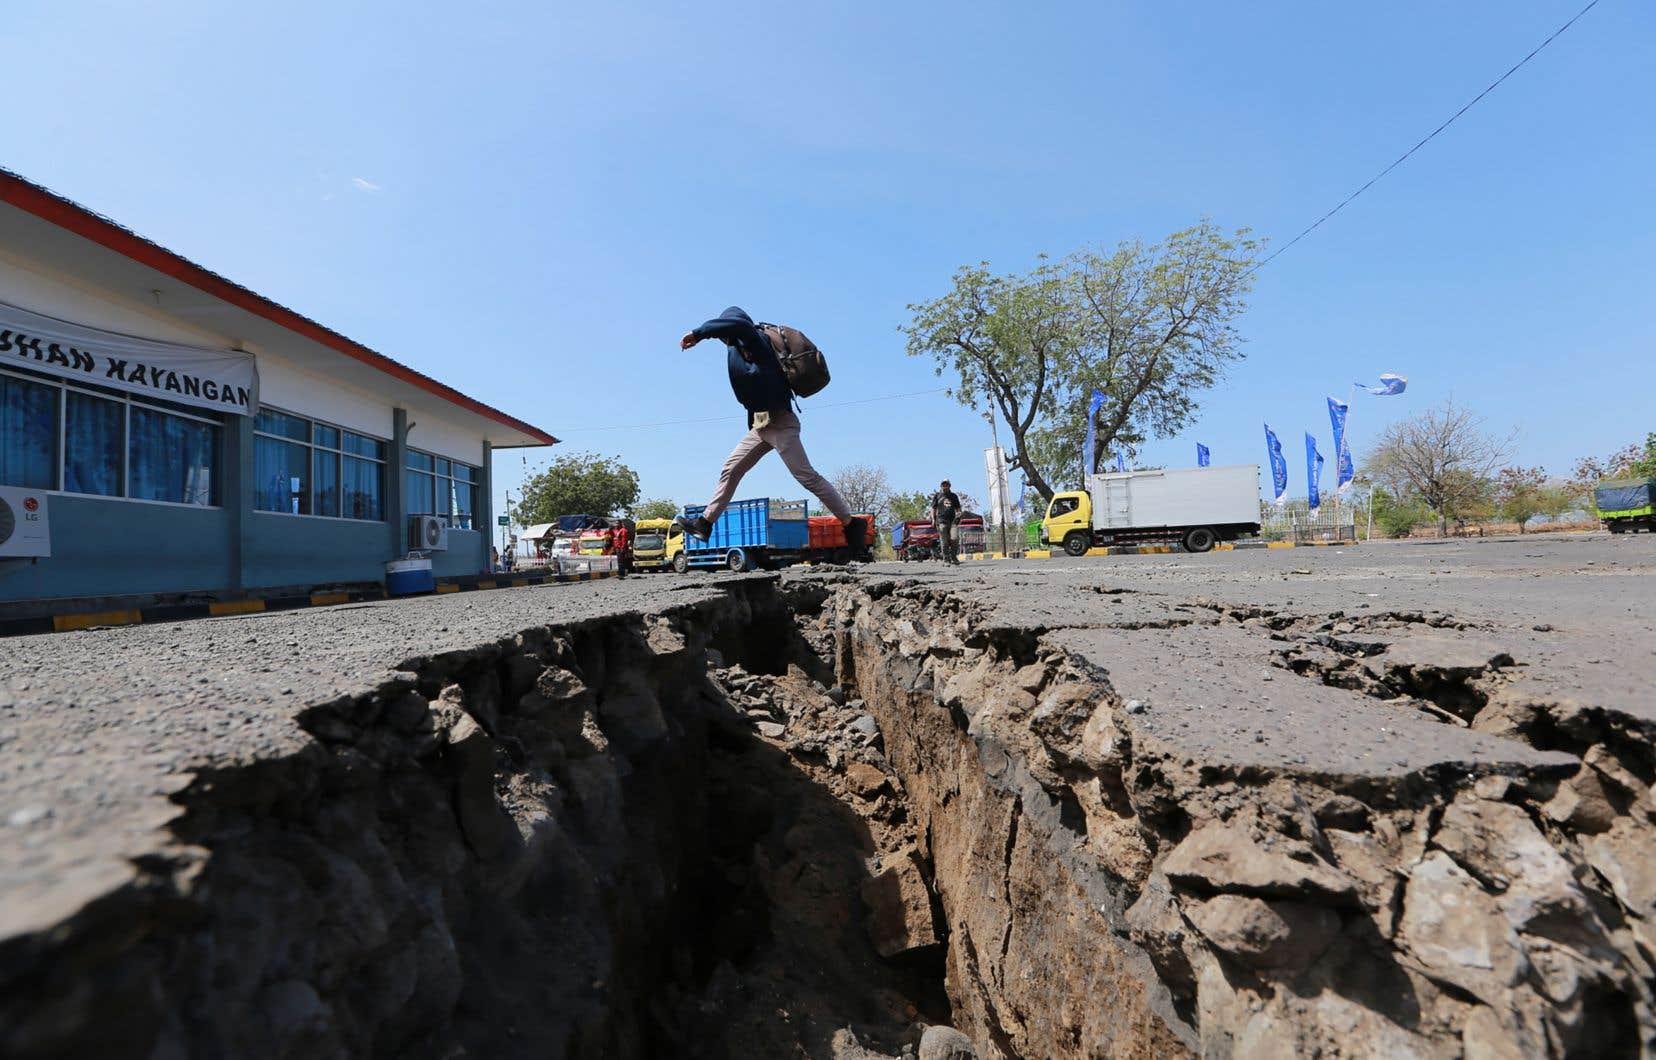 Les tremblements de terre qui ont secoué Lombok depuis fin juillet sont le résultat d'une collision entre la plaque tectonique australienne et la plaque eurasienne, selon des géologues.